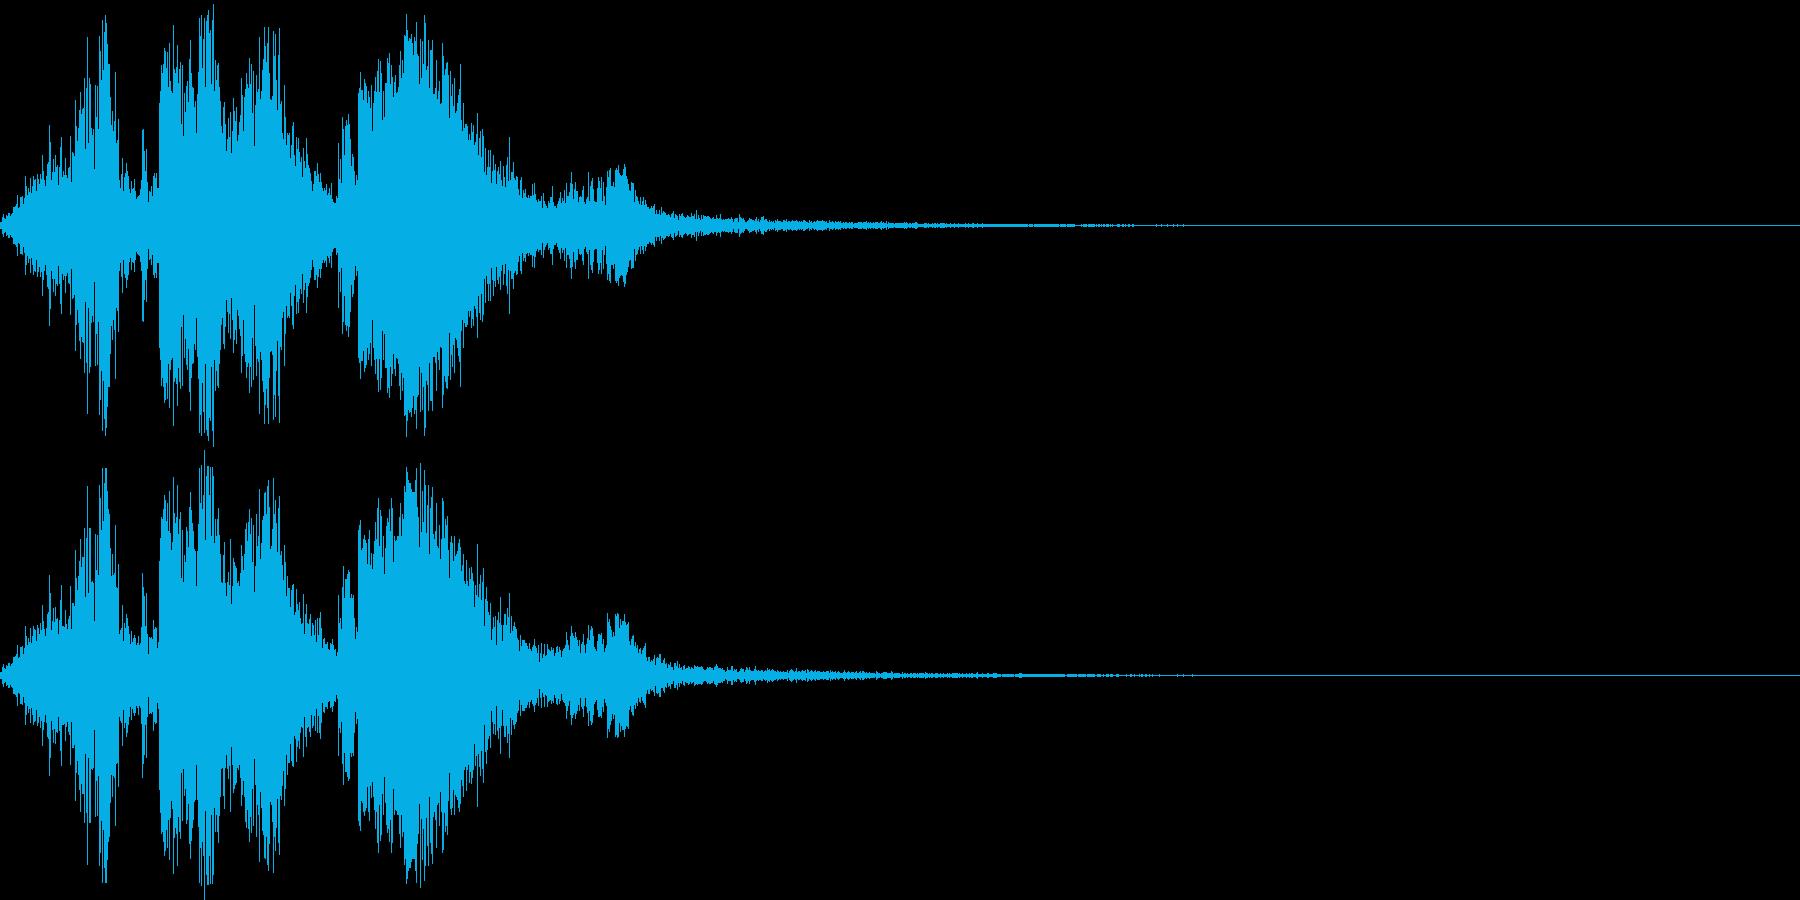 銃弾をロードする際の音の再生済みの波形